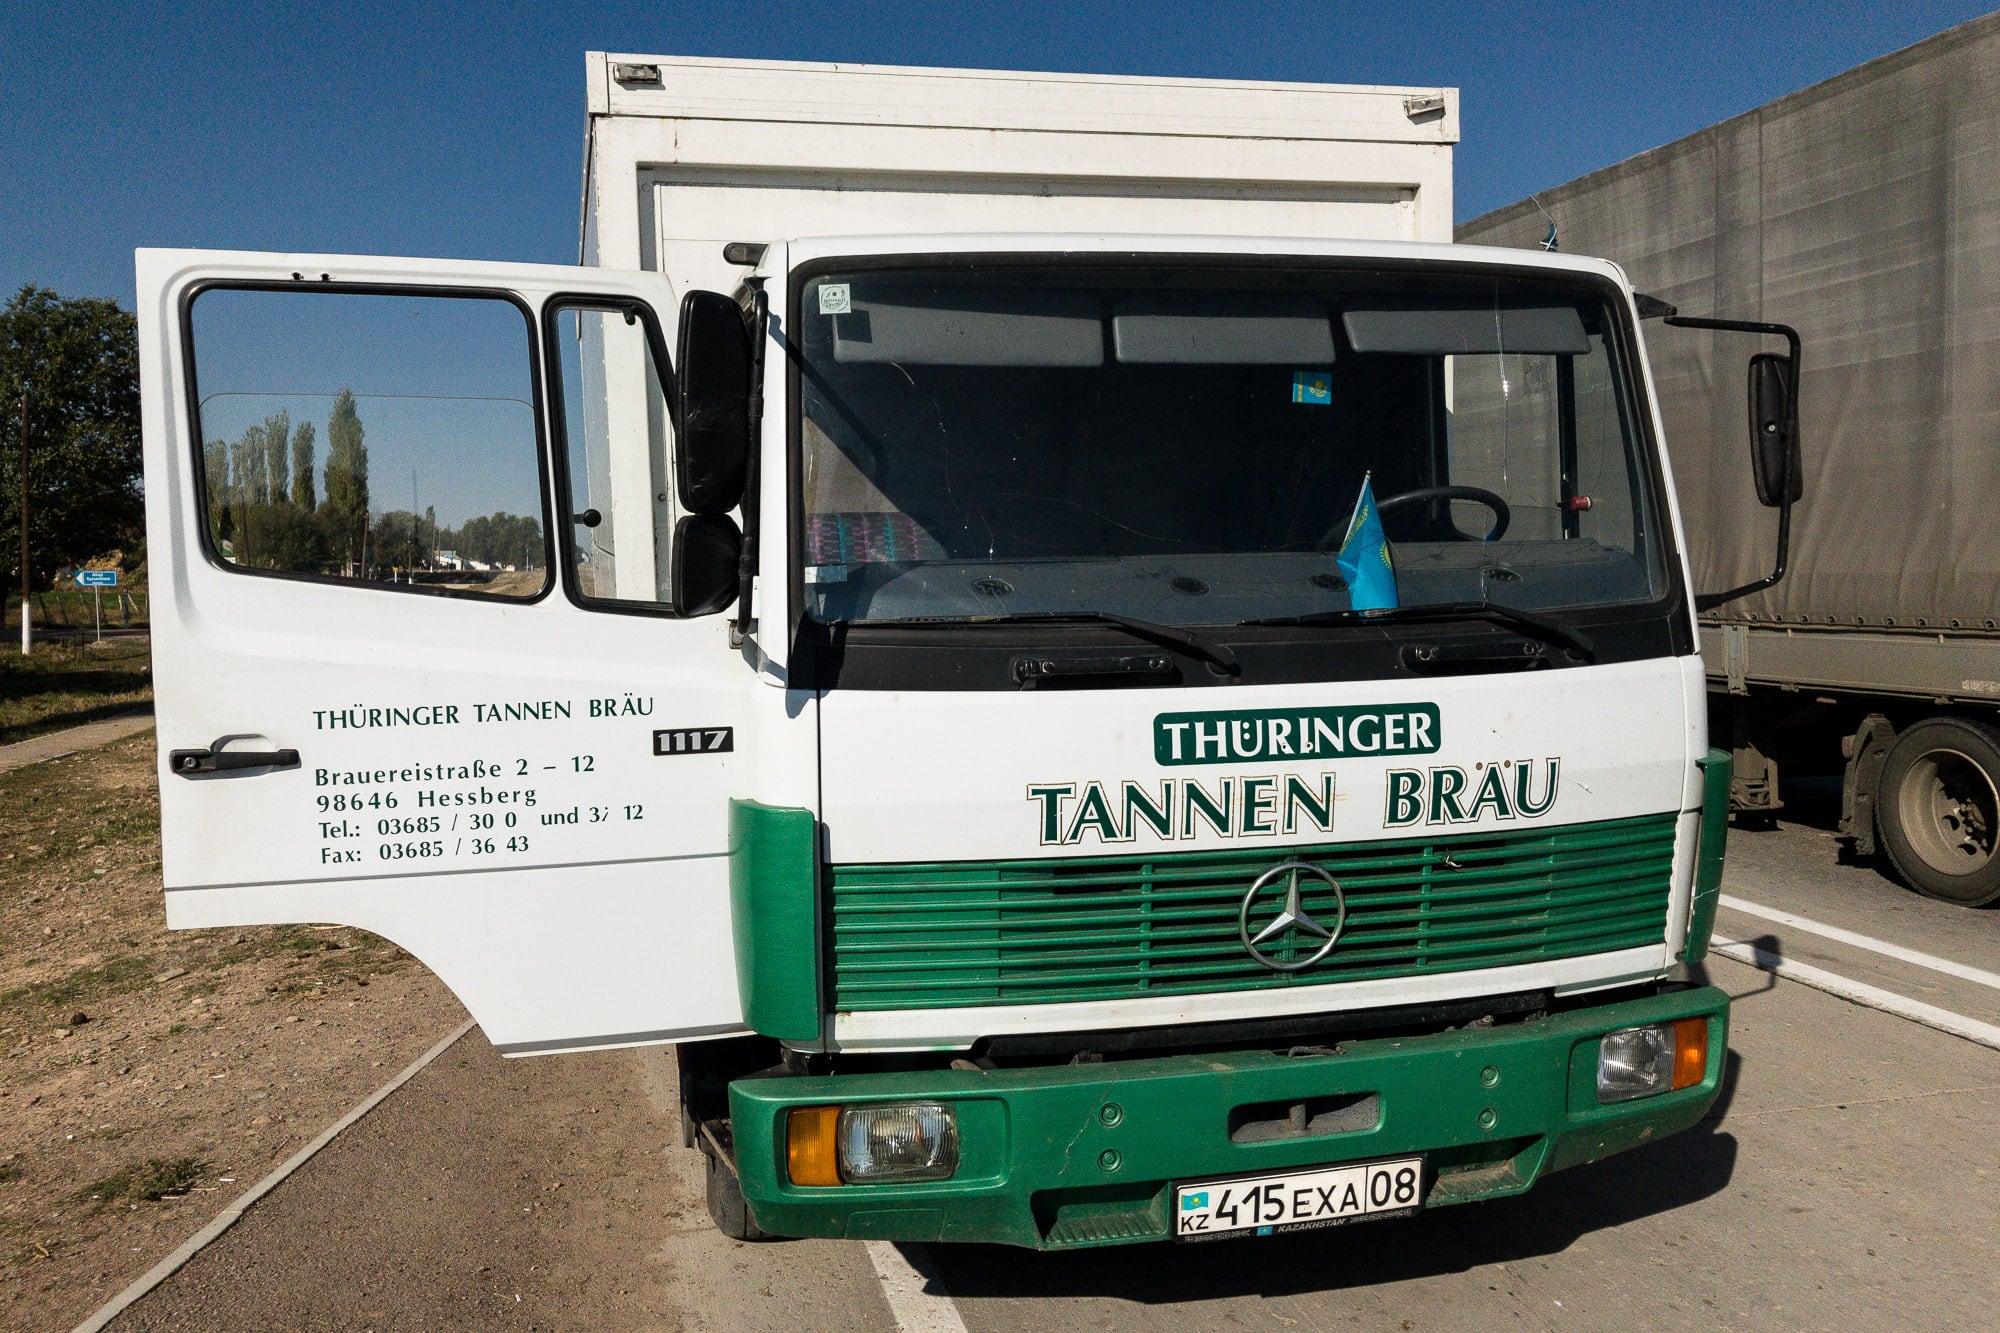 Tannen Bräu truck